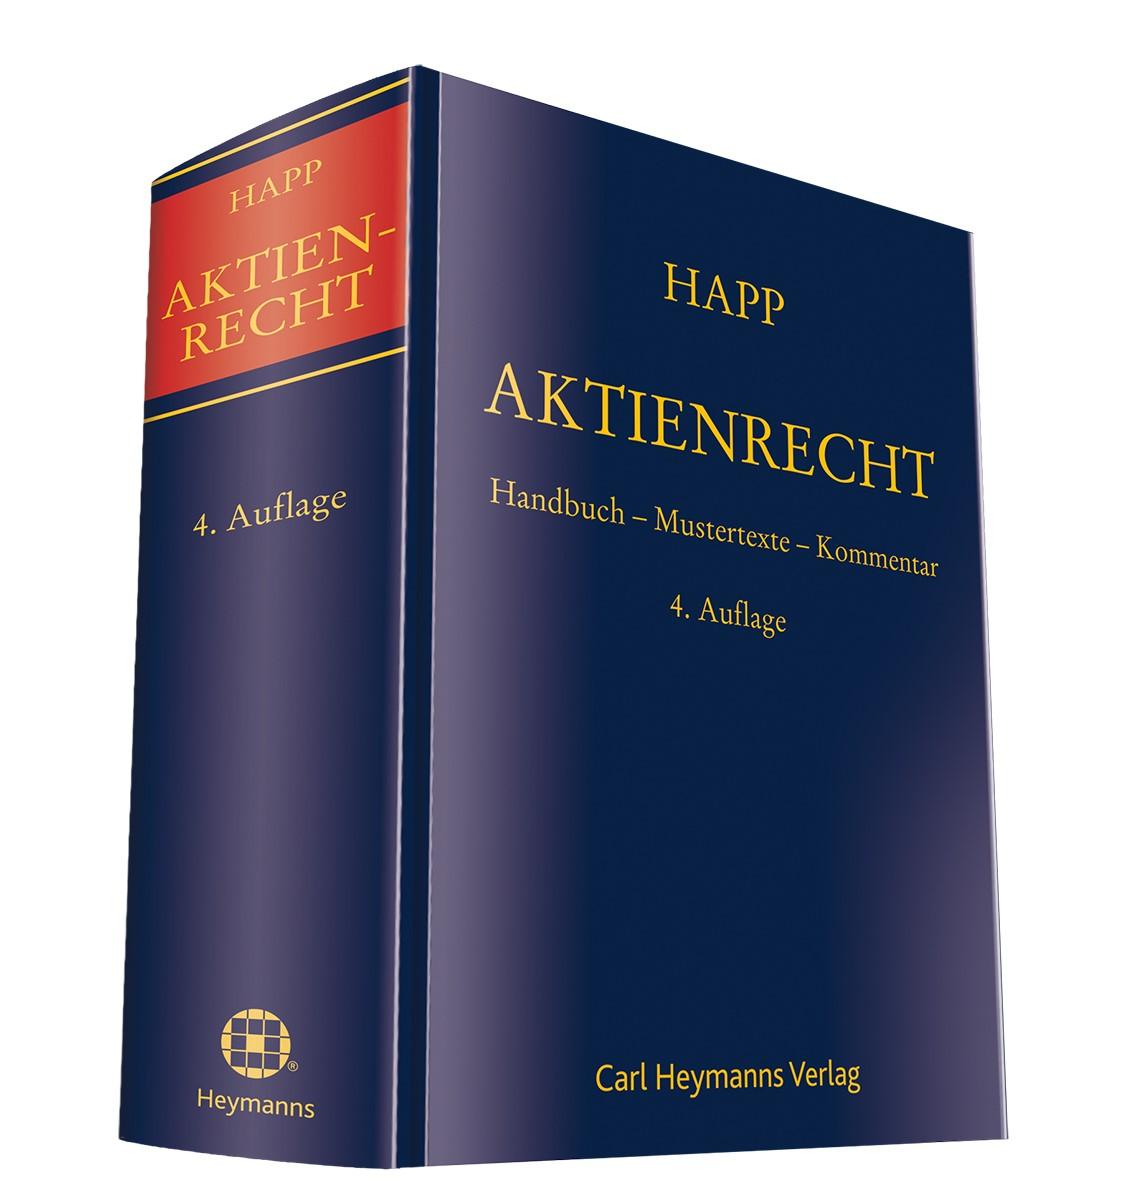 Aktienrecht | Happ / Groß (Hrsg.) | 4. Auflage, 2014 | Buch (Cover)